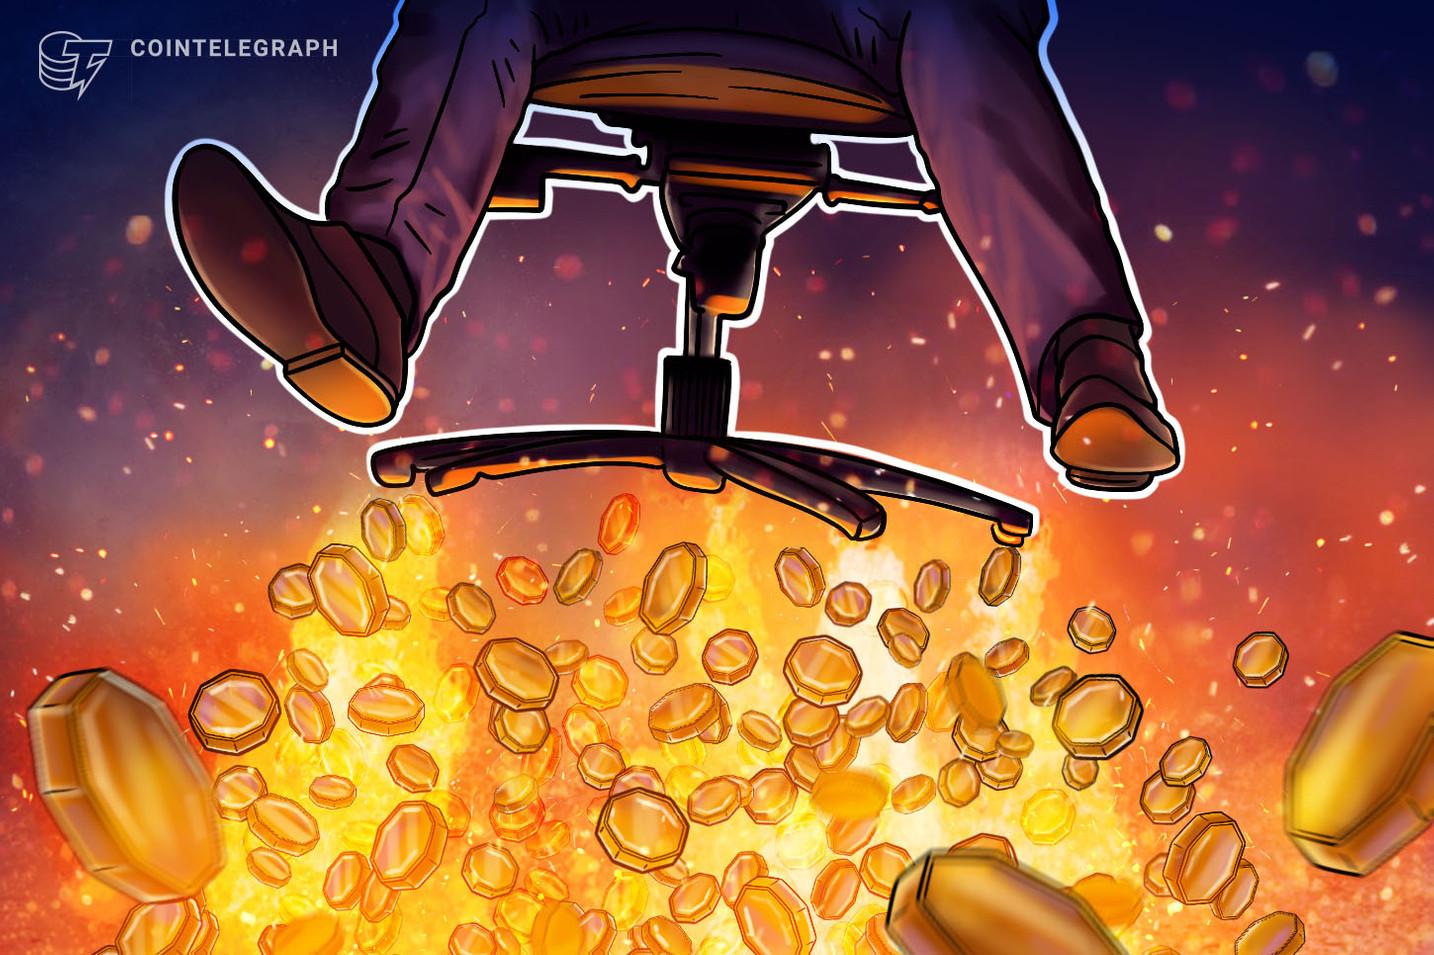 ¿Cuánto Bitcoin tienen las empresas, qué razones impulsan su adquisición y cuáles son los efectos?